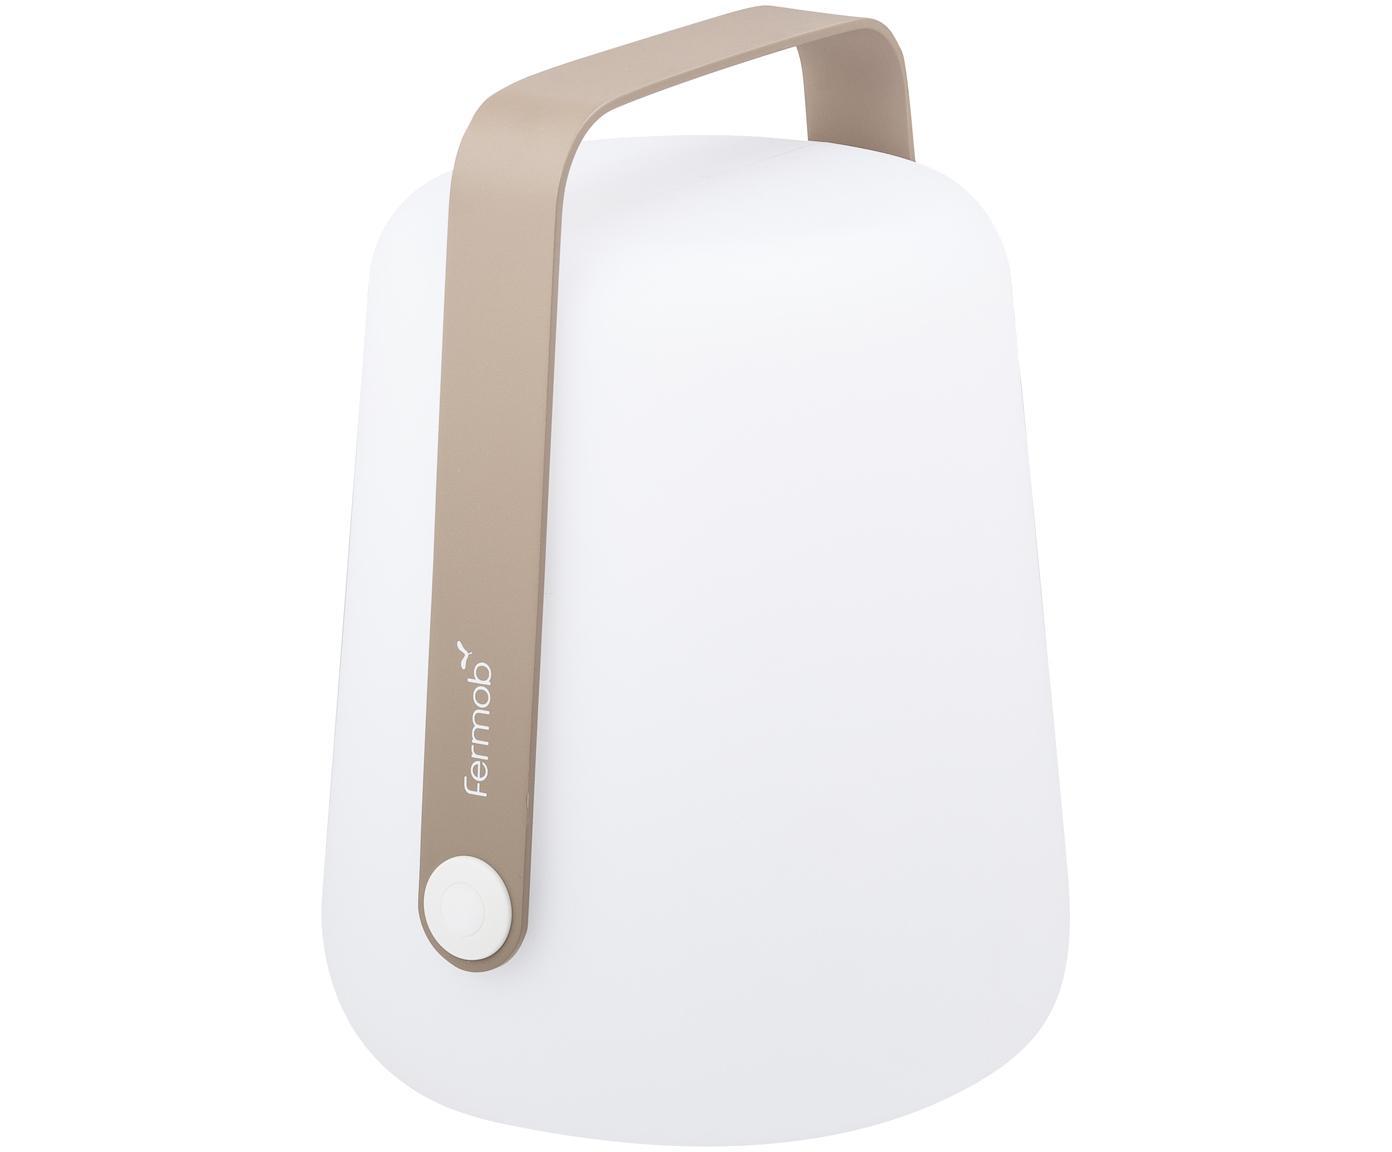 Lampada portatile a LED da esterno Balad, Paralume: polietilene altamente tra, Manico: alluminio verniciato, Marrone moscato, Ø 19 x Alt. 25 cm